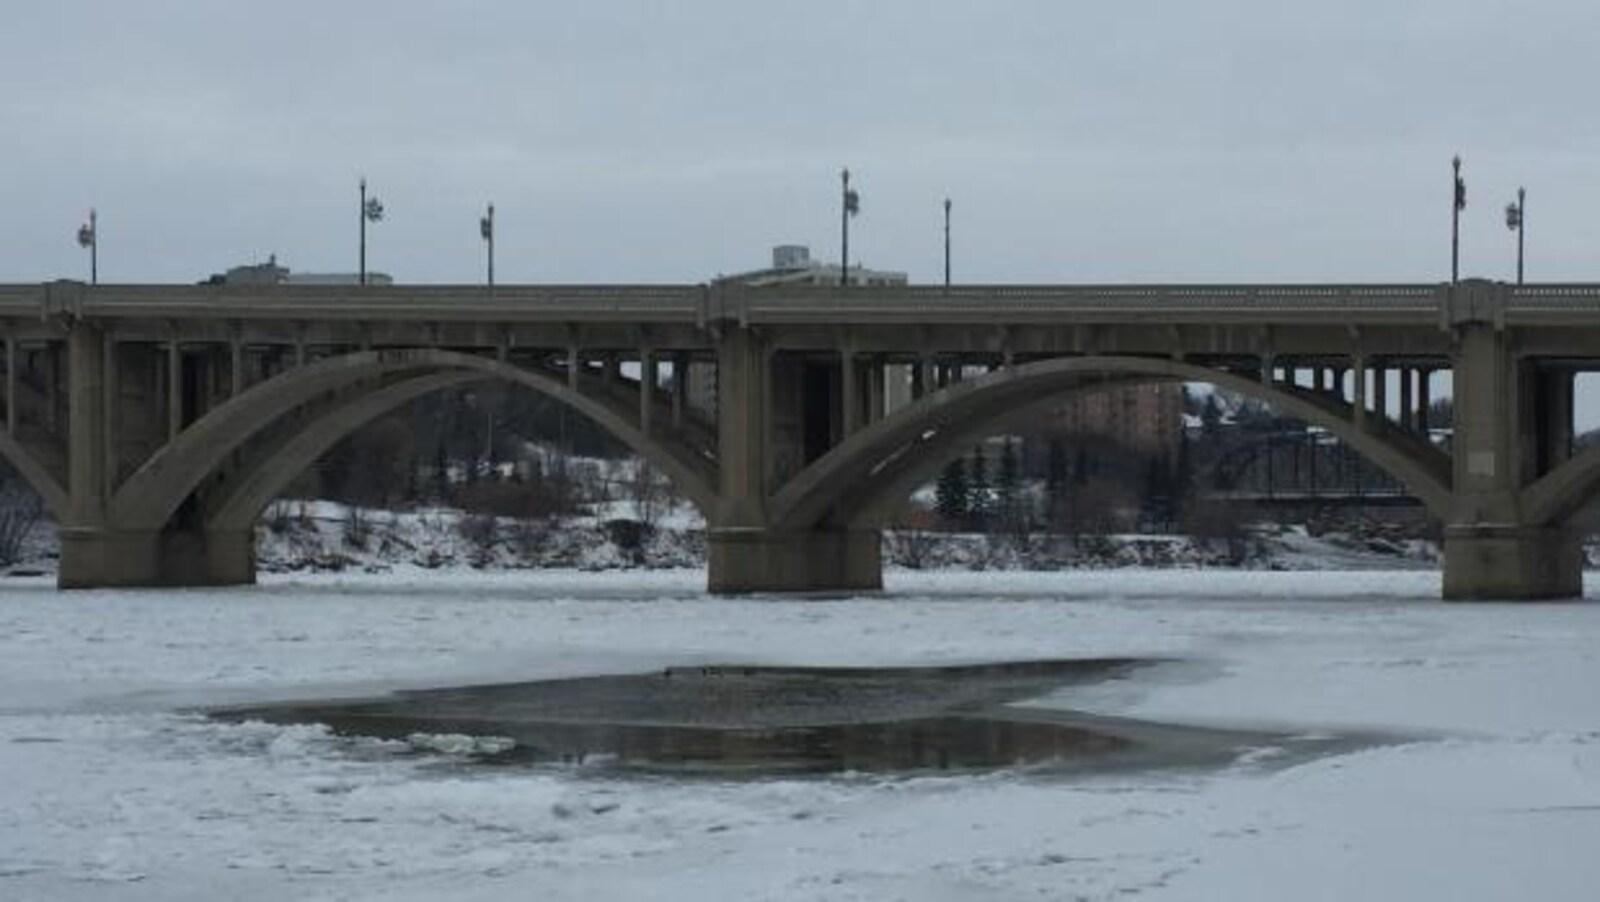 De l'eau et de la glace sur la rivière Saskatchewan Sud à Saskatoon